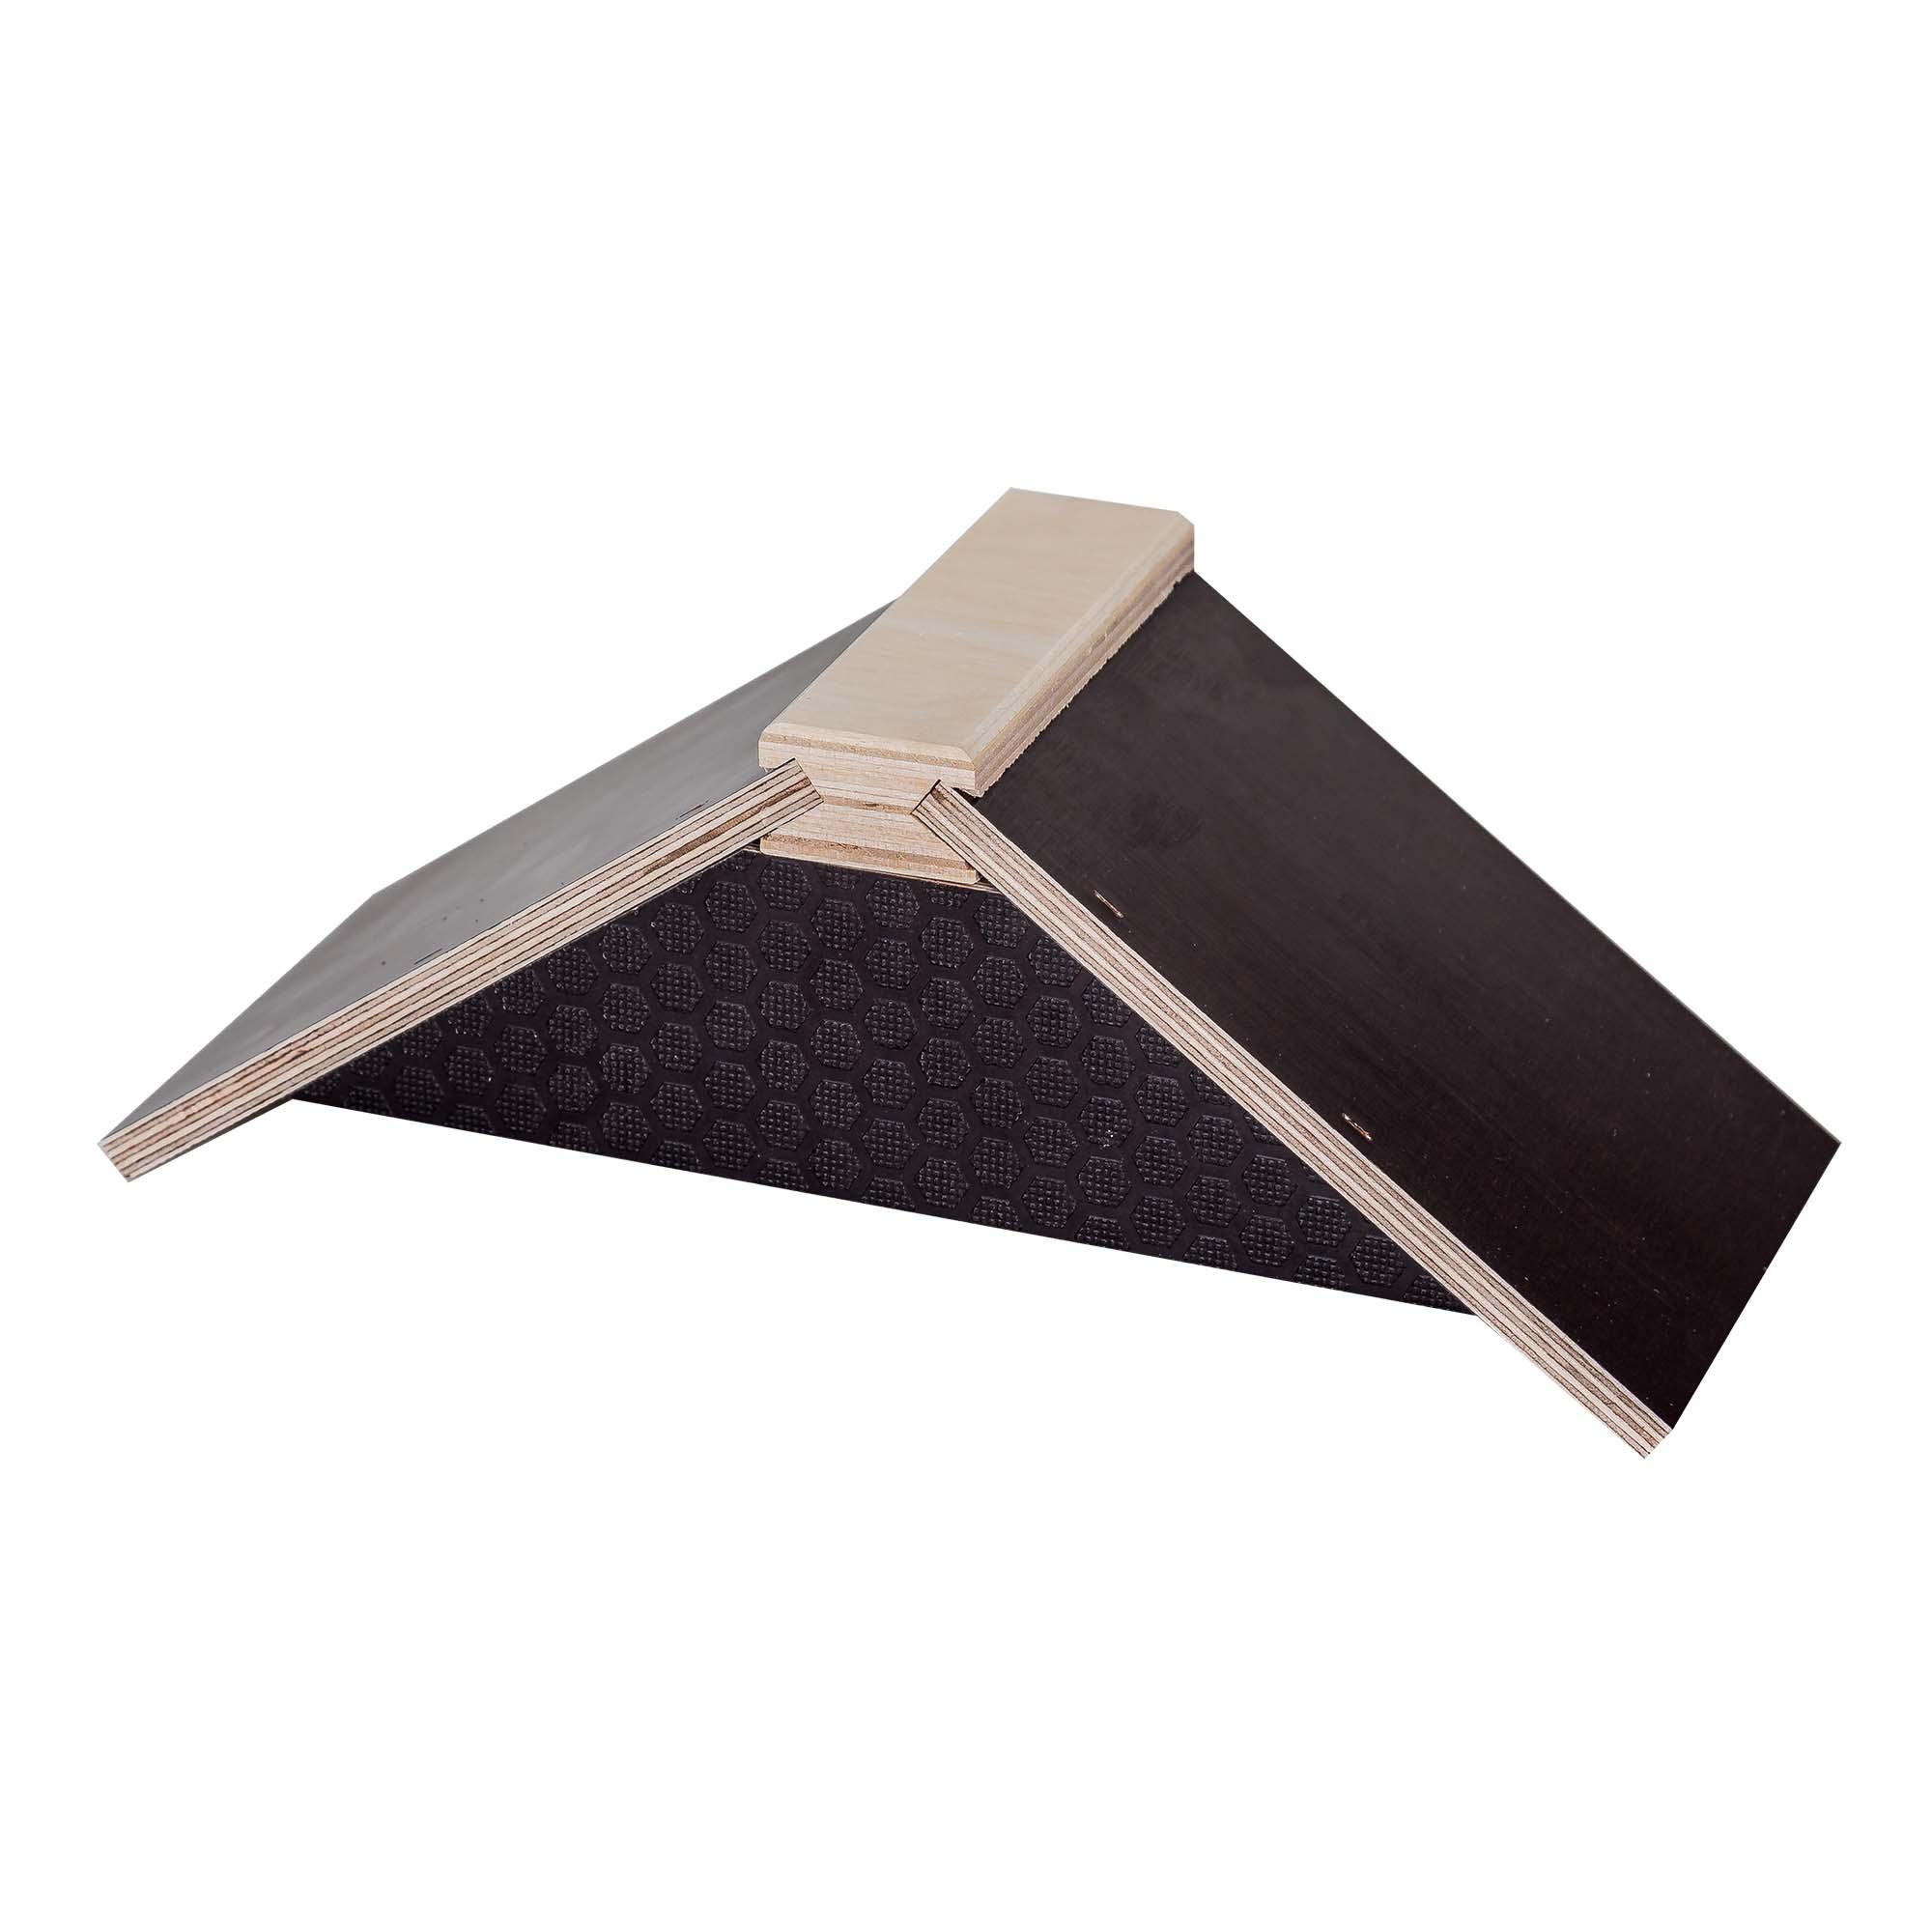 Sitzbrettchen aus holz schwarz for Wohnwand holz schwarz